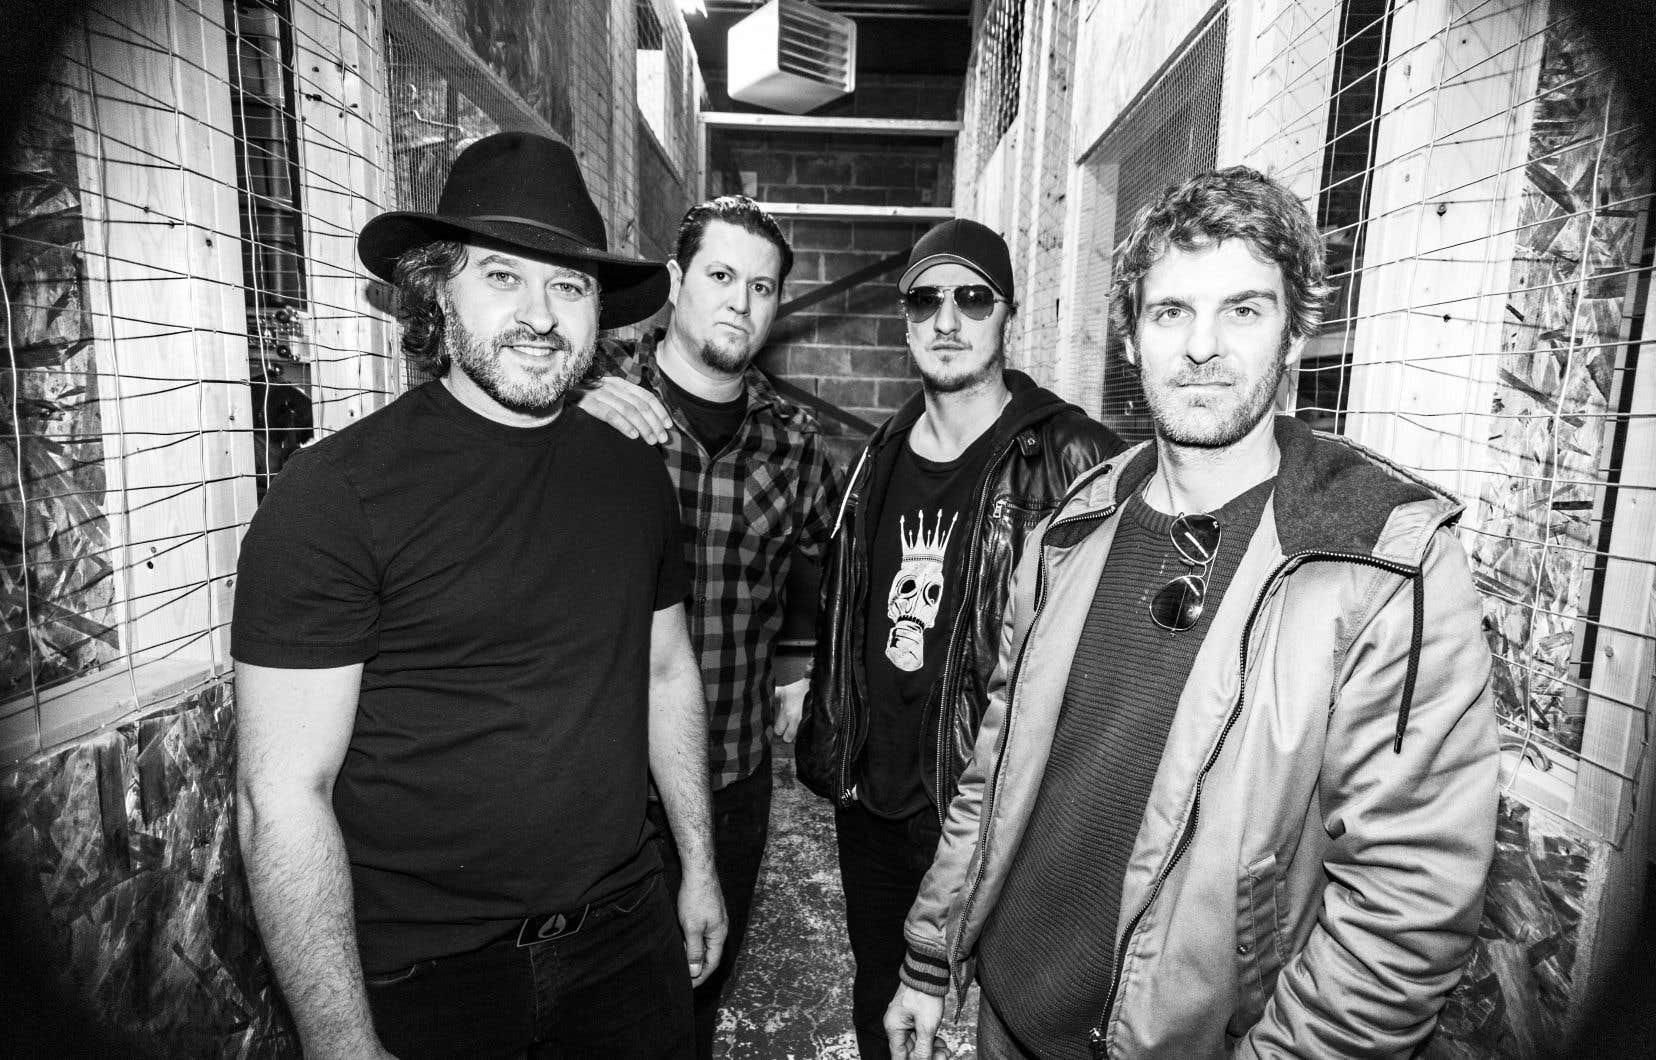 Les Dales Hawerchuck célébreront l'offensive de leurs deux premiers albums à l'Esco le 7 mars.